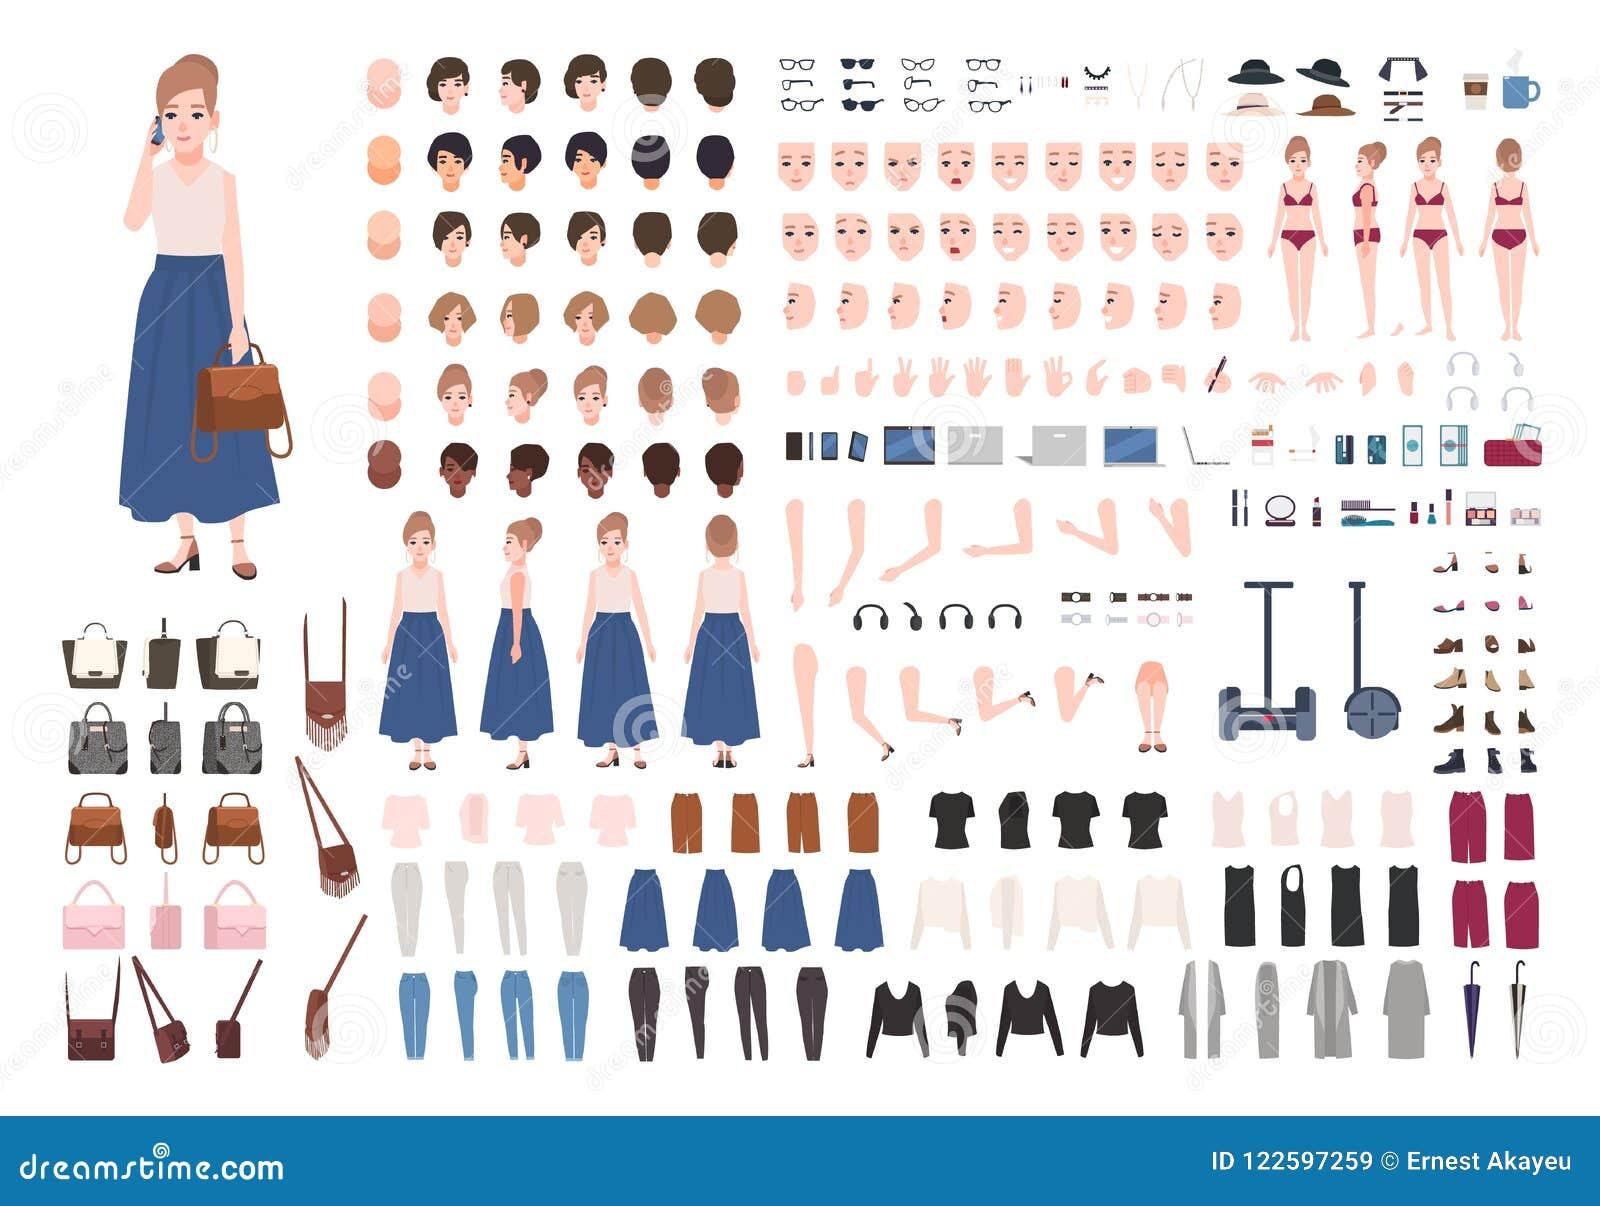 Construtor da jovem mulher ou jogo moderno da animação Coleção de partes do corpo do caráter fêmea, gestos, roupa à moda